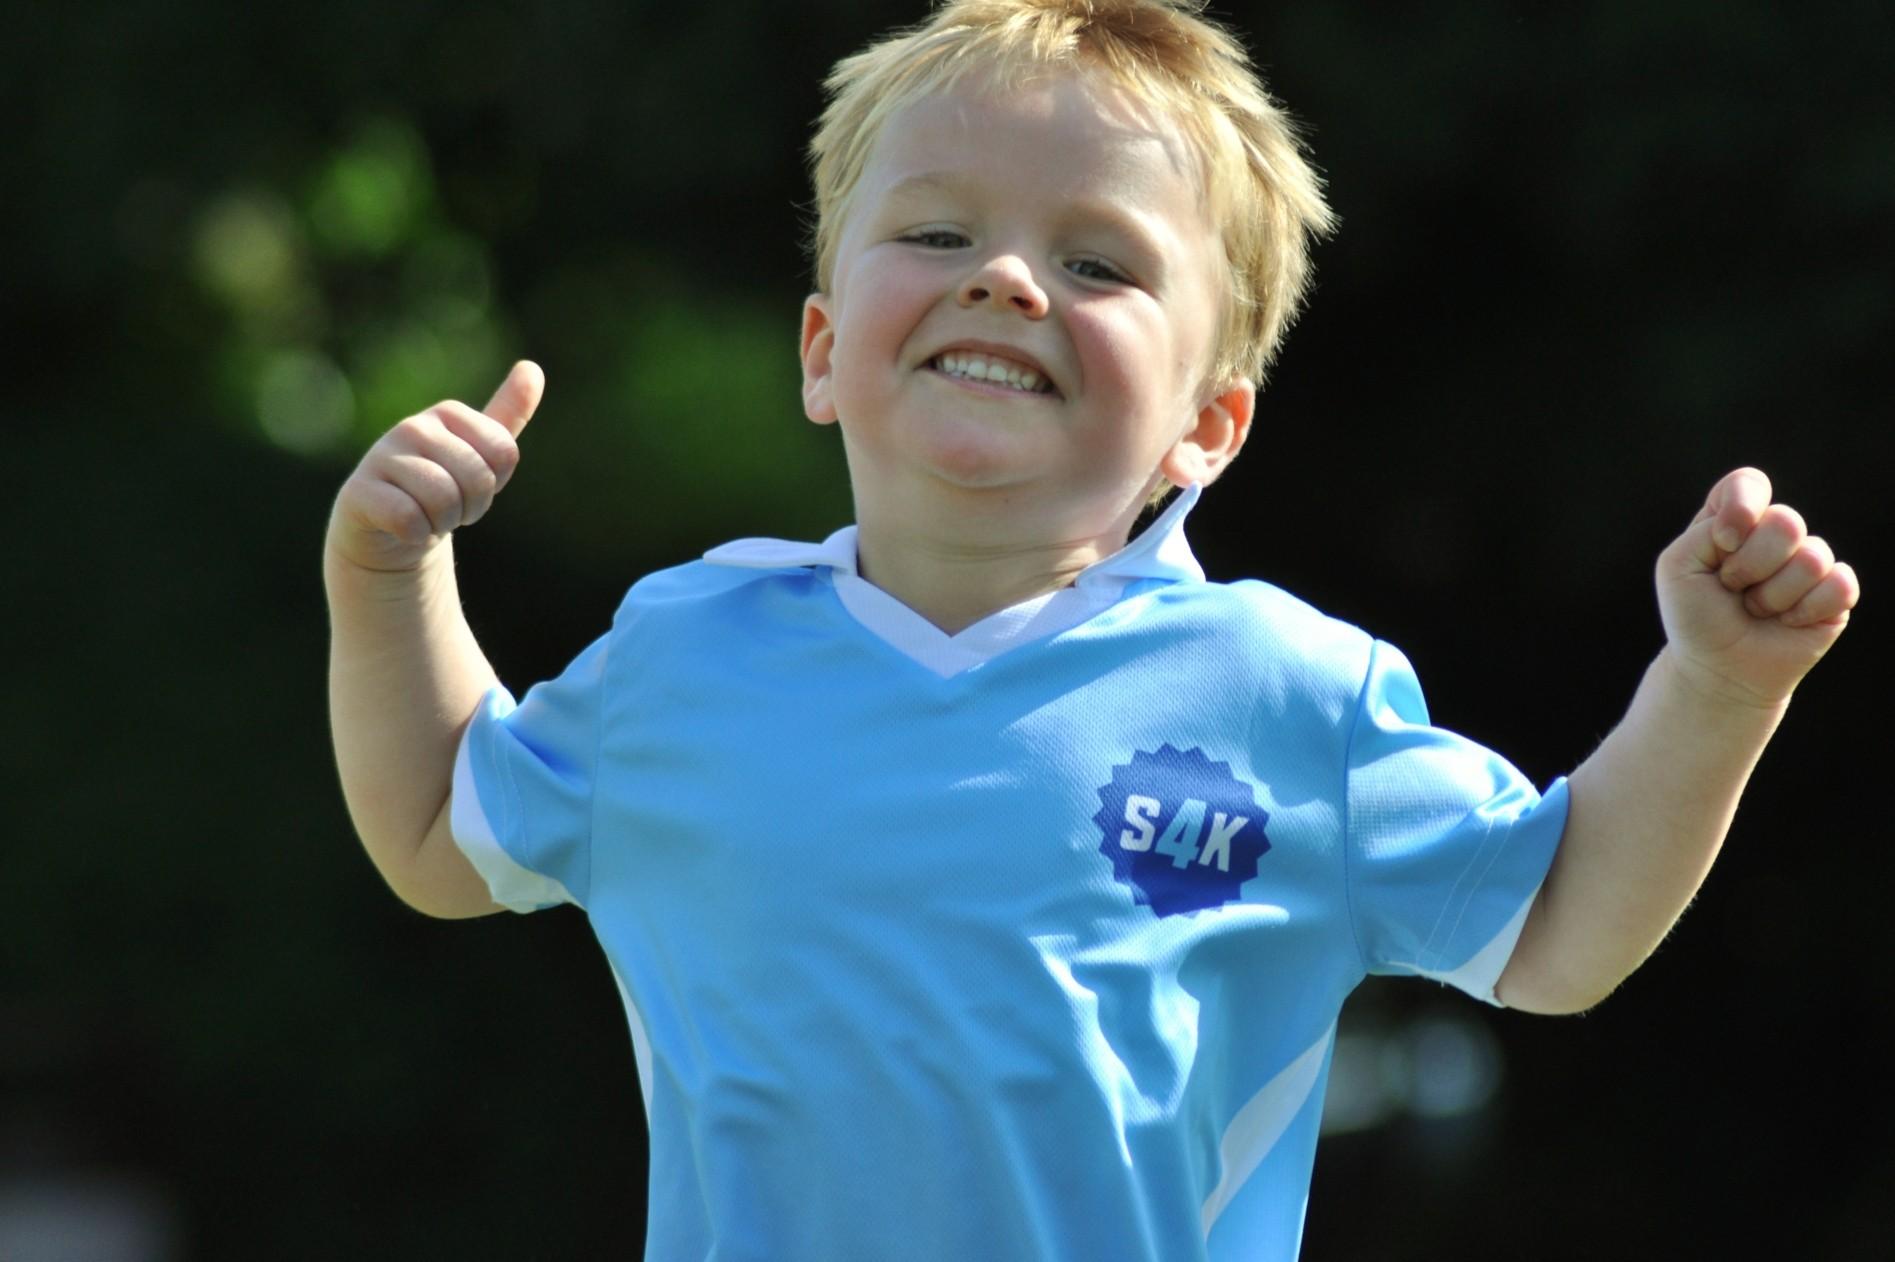 a child enjoying sport4kids class